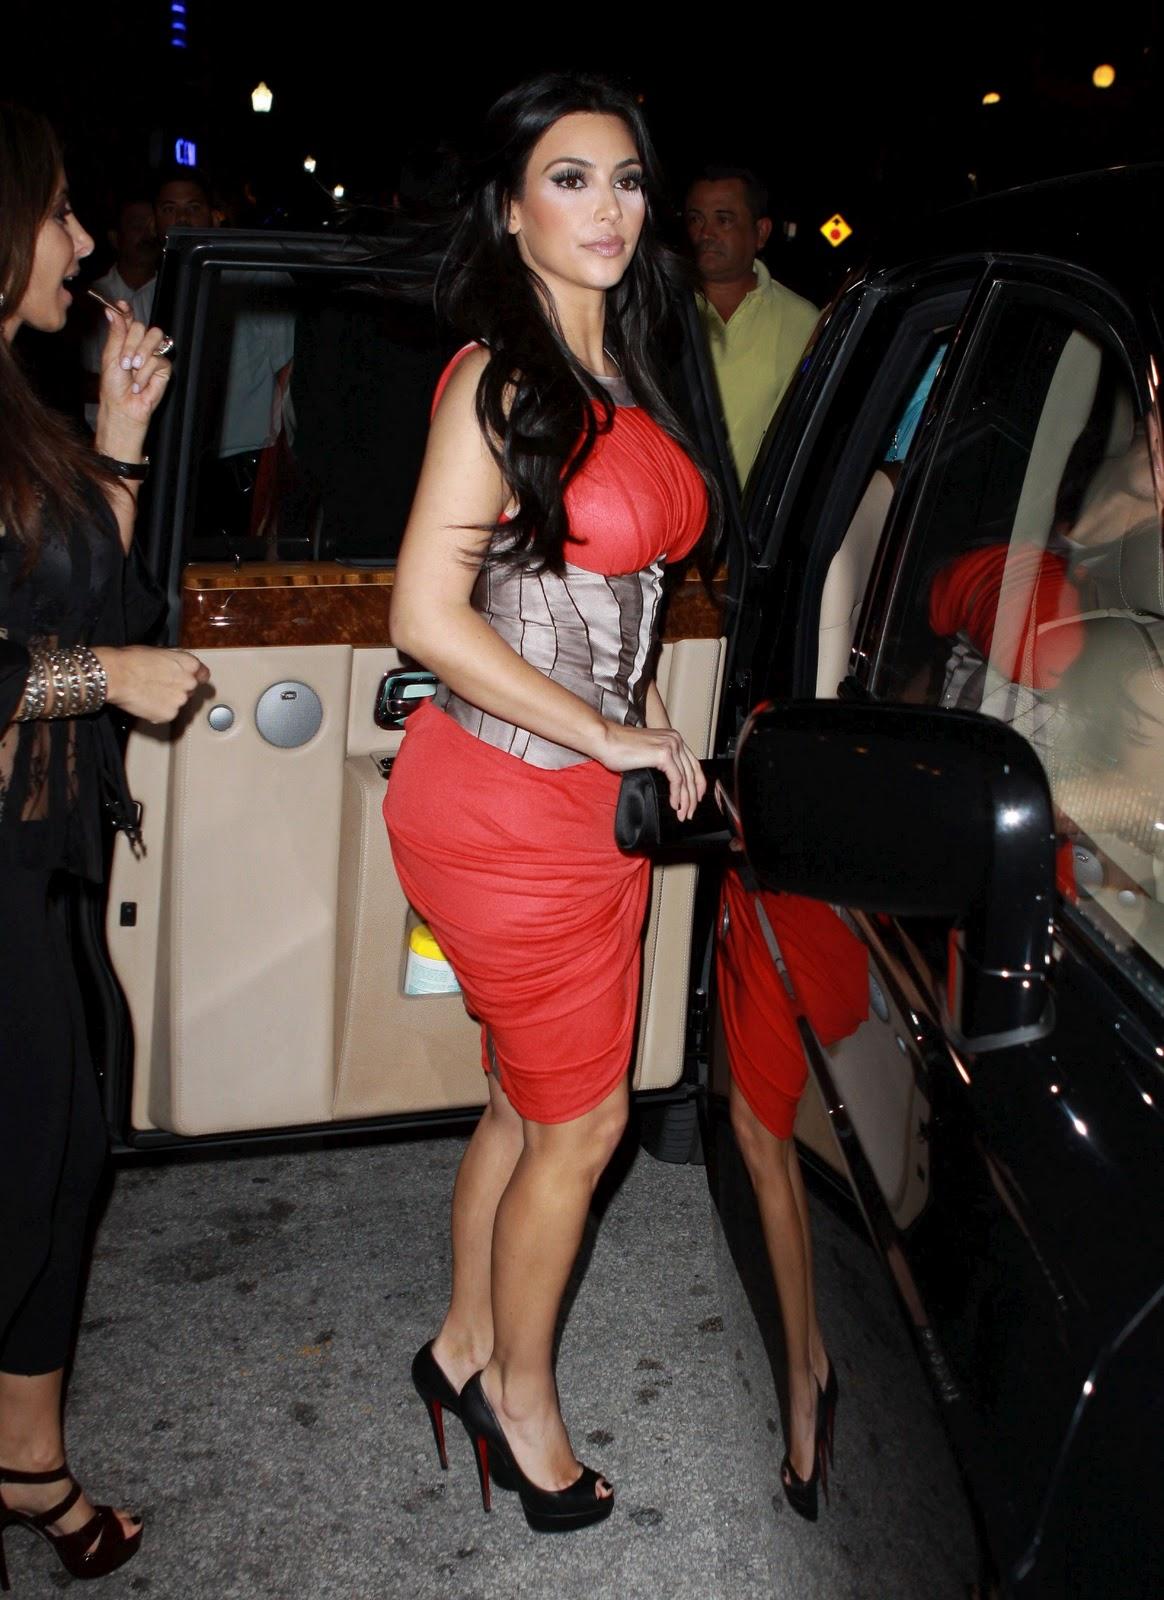 http://2.bp.blogspot.com/_48YMTKPyEMI/TQt7ty-Hq_I/AAAAAAAAAtQ/k9RFyyFaW-I/s1600/Kim-Kardashian-36.jpg